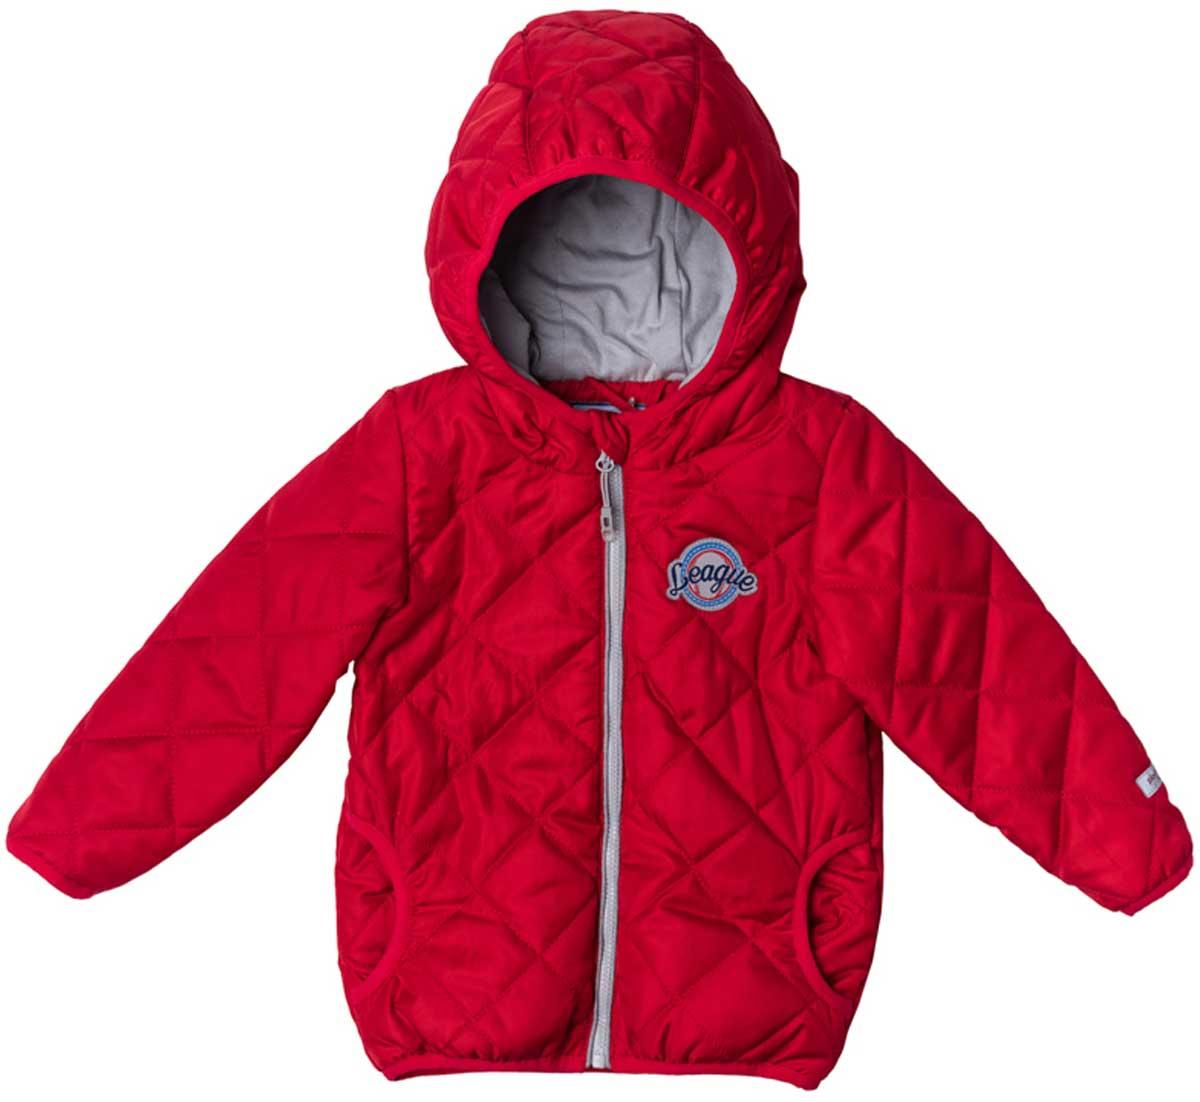 Куртка для мальчика PlayToday, цвет: красный. 177003. Размер 74177003Утепленная стеганая куртка - прекрасное решение для прохладной погоды. Мягкие трикотажные резинки на рукавах защитят вашего ребенка - ветер не сможет проникнуть под куртку. Специальный карман для фиксации застежки-молнии не позволит застежке травмировать нежную детскую кожу. Мягкая резинка на капюшоне не позволит ему упасть с головы вашего ребенка даже во время активных игр. Модель снабжена светоотражателями на рукаве и по низу изделия - ваш ребенок будет виден даже в темное время суток.